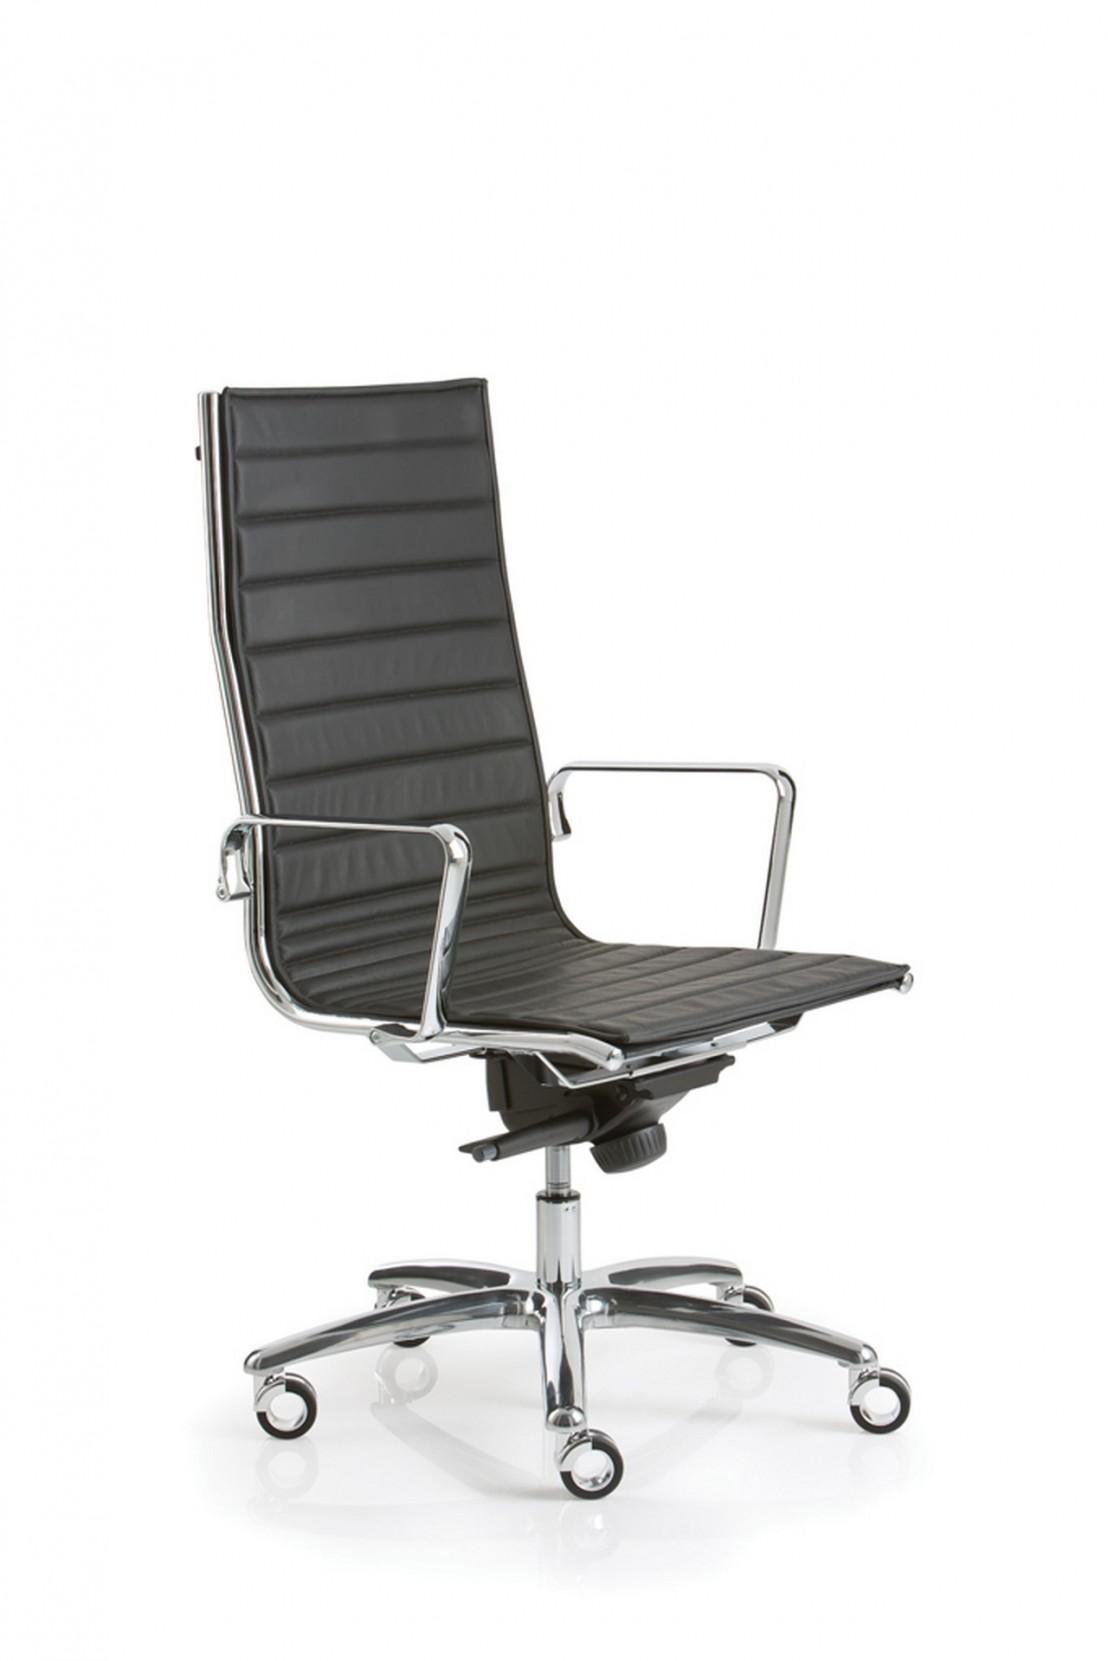 fauteuil luxy light direction cuir dossier haut livraison gratuite. Black Bedroom Furniture Sets. Home Design Ideas